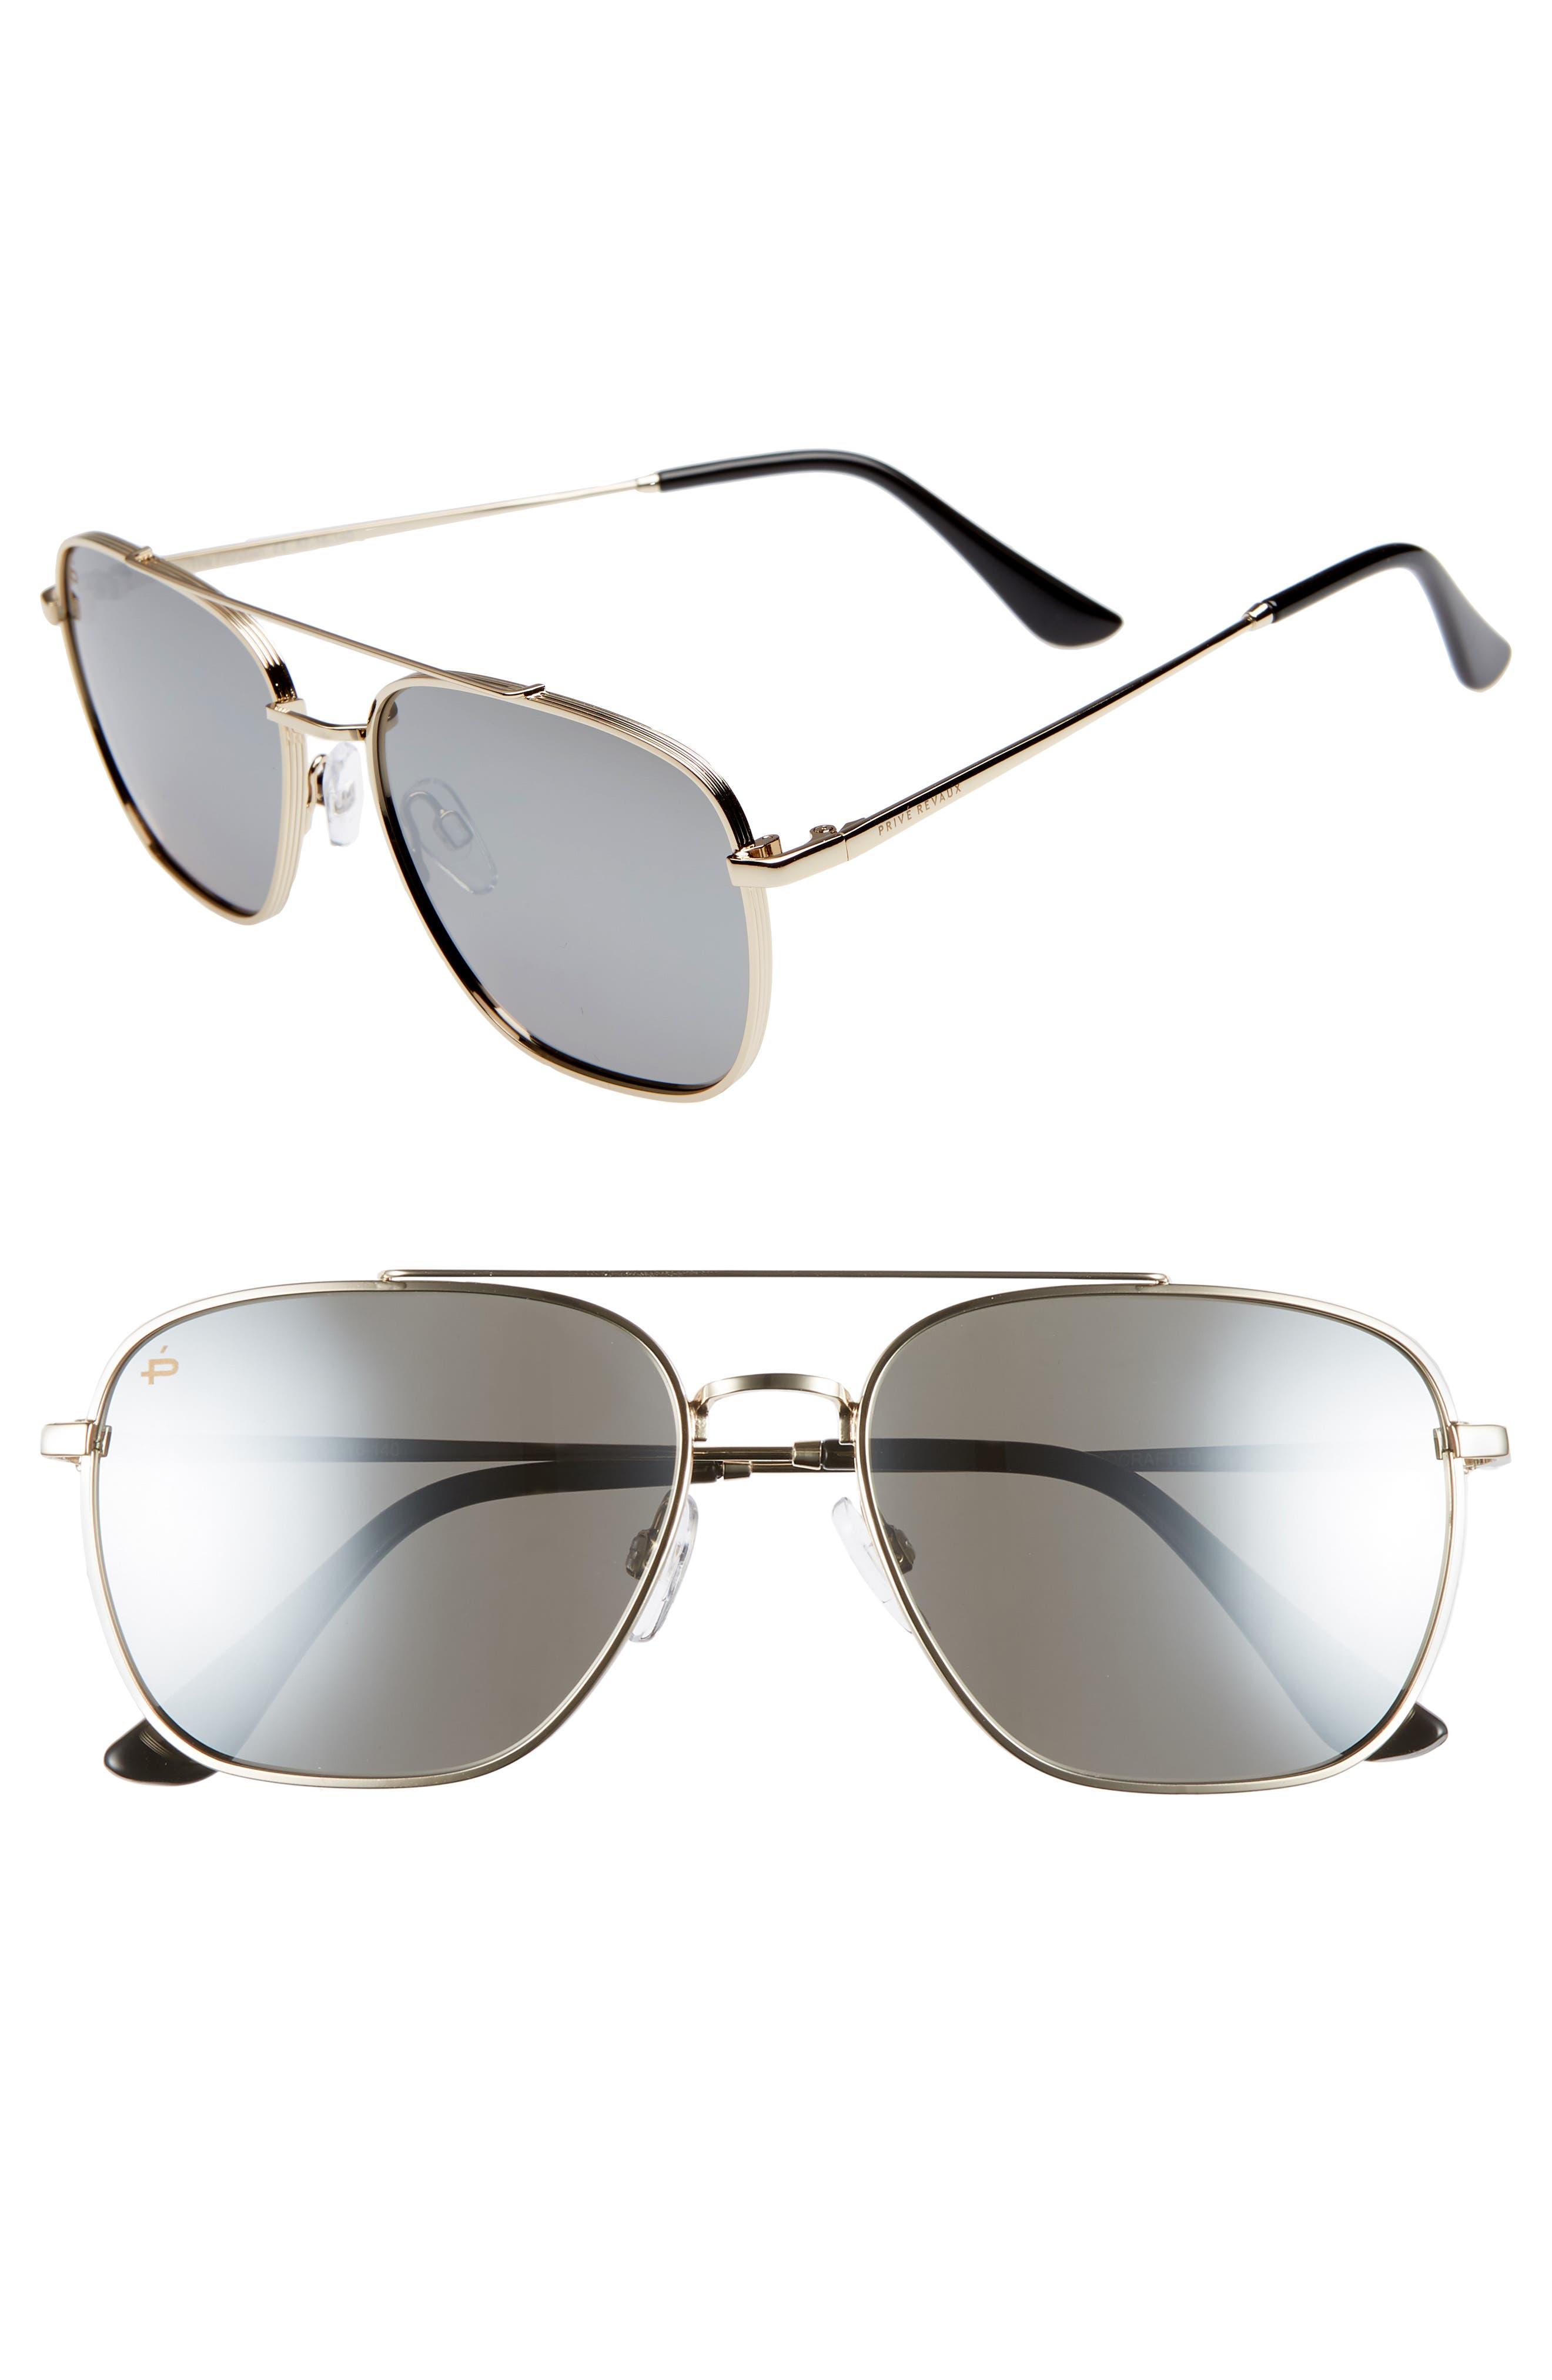 Privé Revaux The Floridian Polarized 57mm Sunglasses,                             Main thumbnail 1, color,